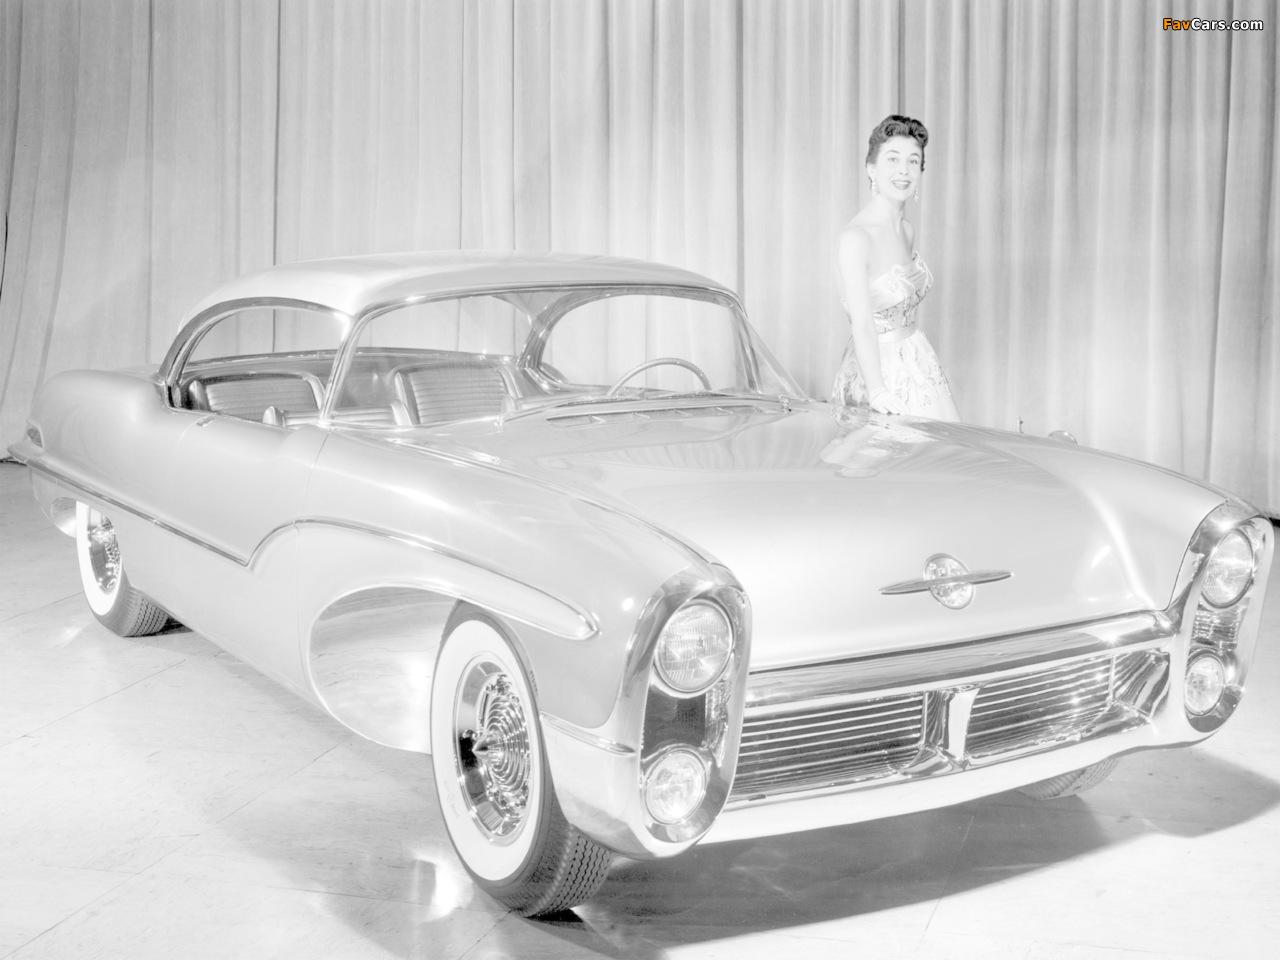 Oldsmobile Delta 88 Concept Car 1955 photos (1280 x 960)